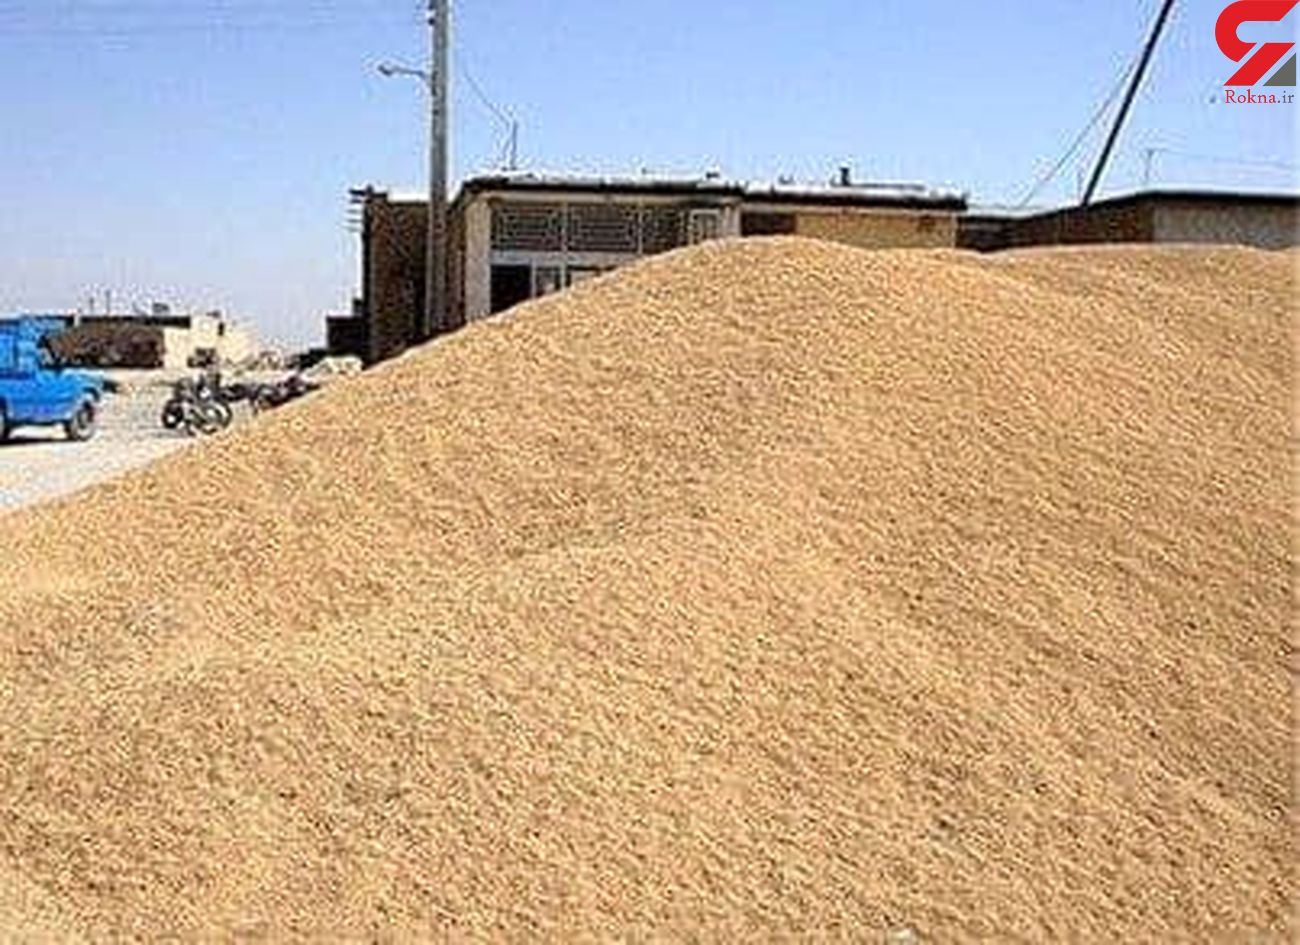 16 تن مکمل قاچاق خوراک دام در کنگاور کشف شد/ دستگیری یک نفر